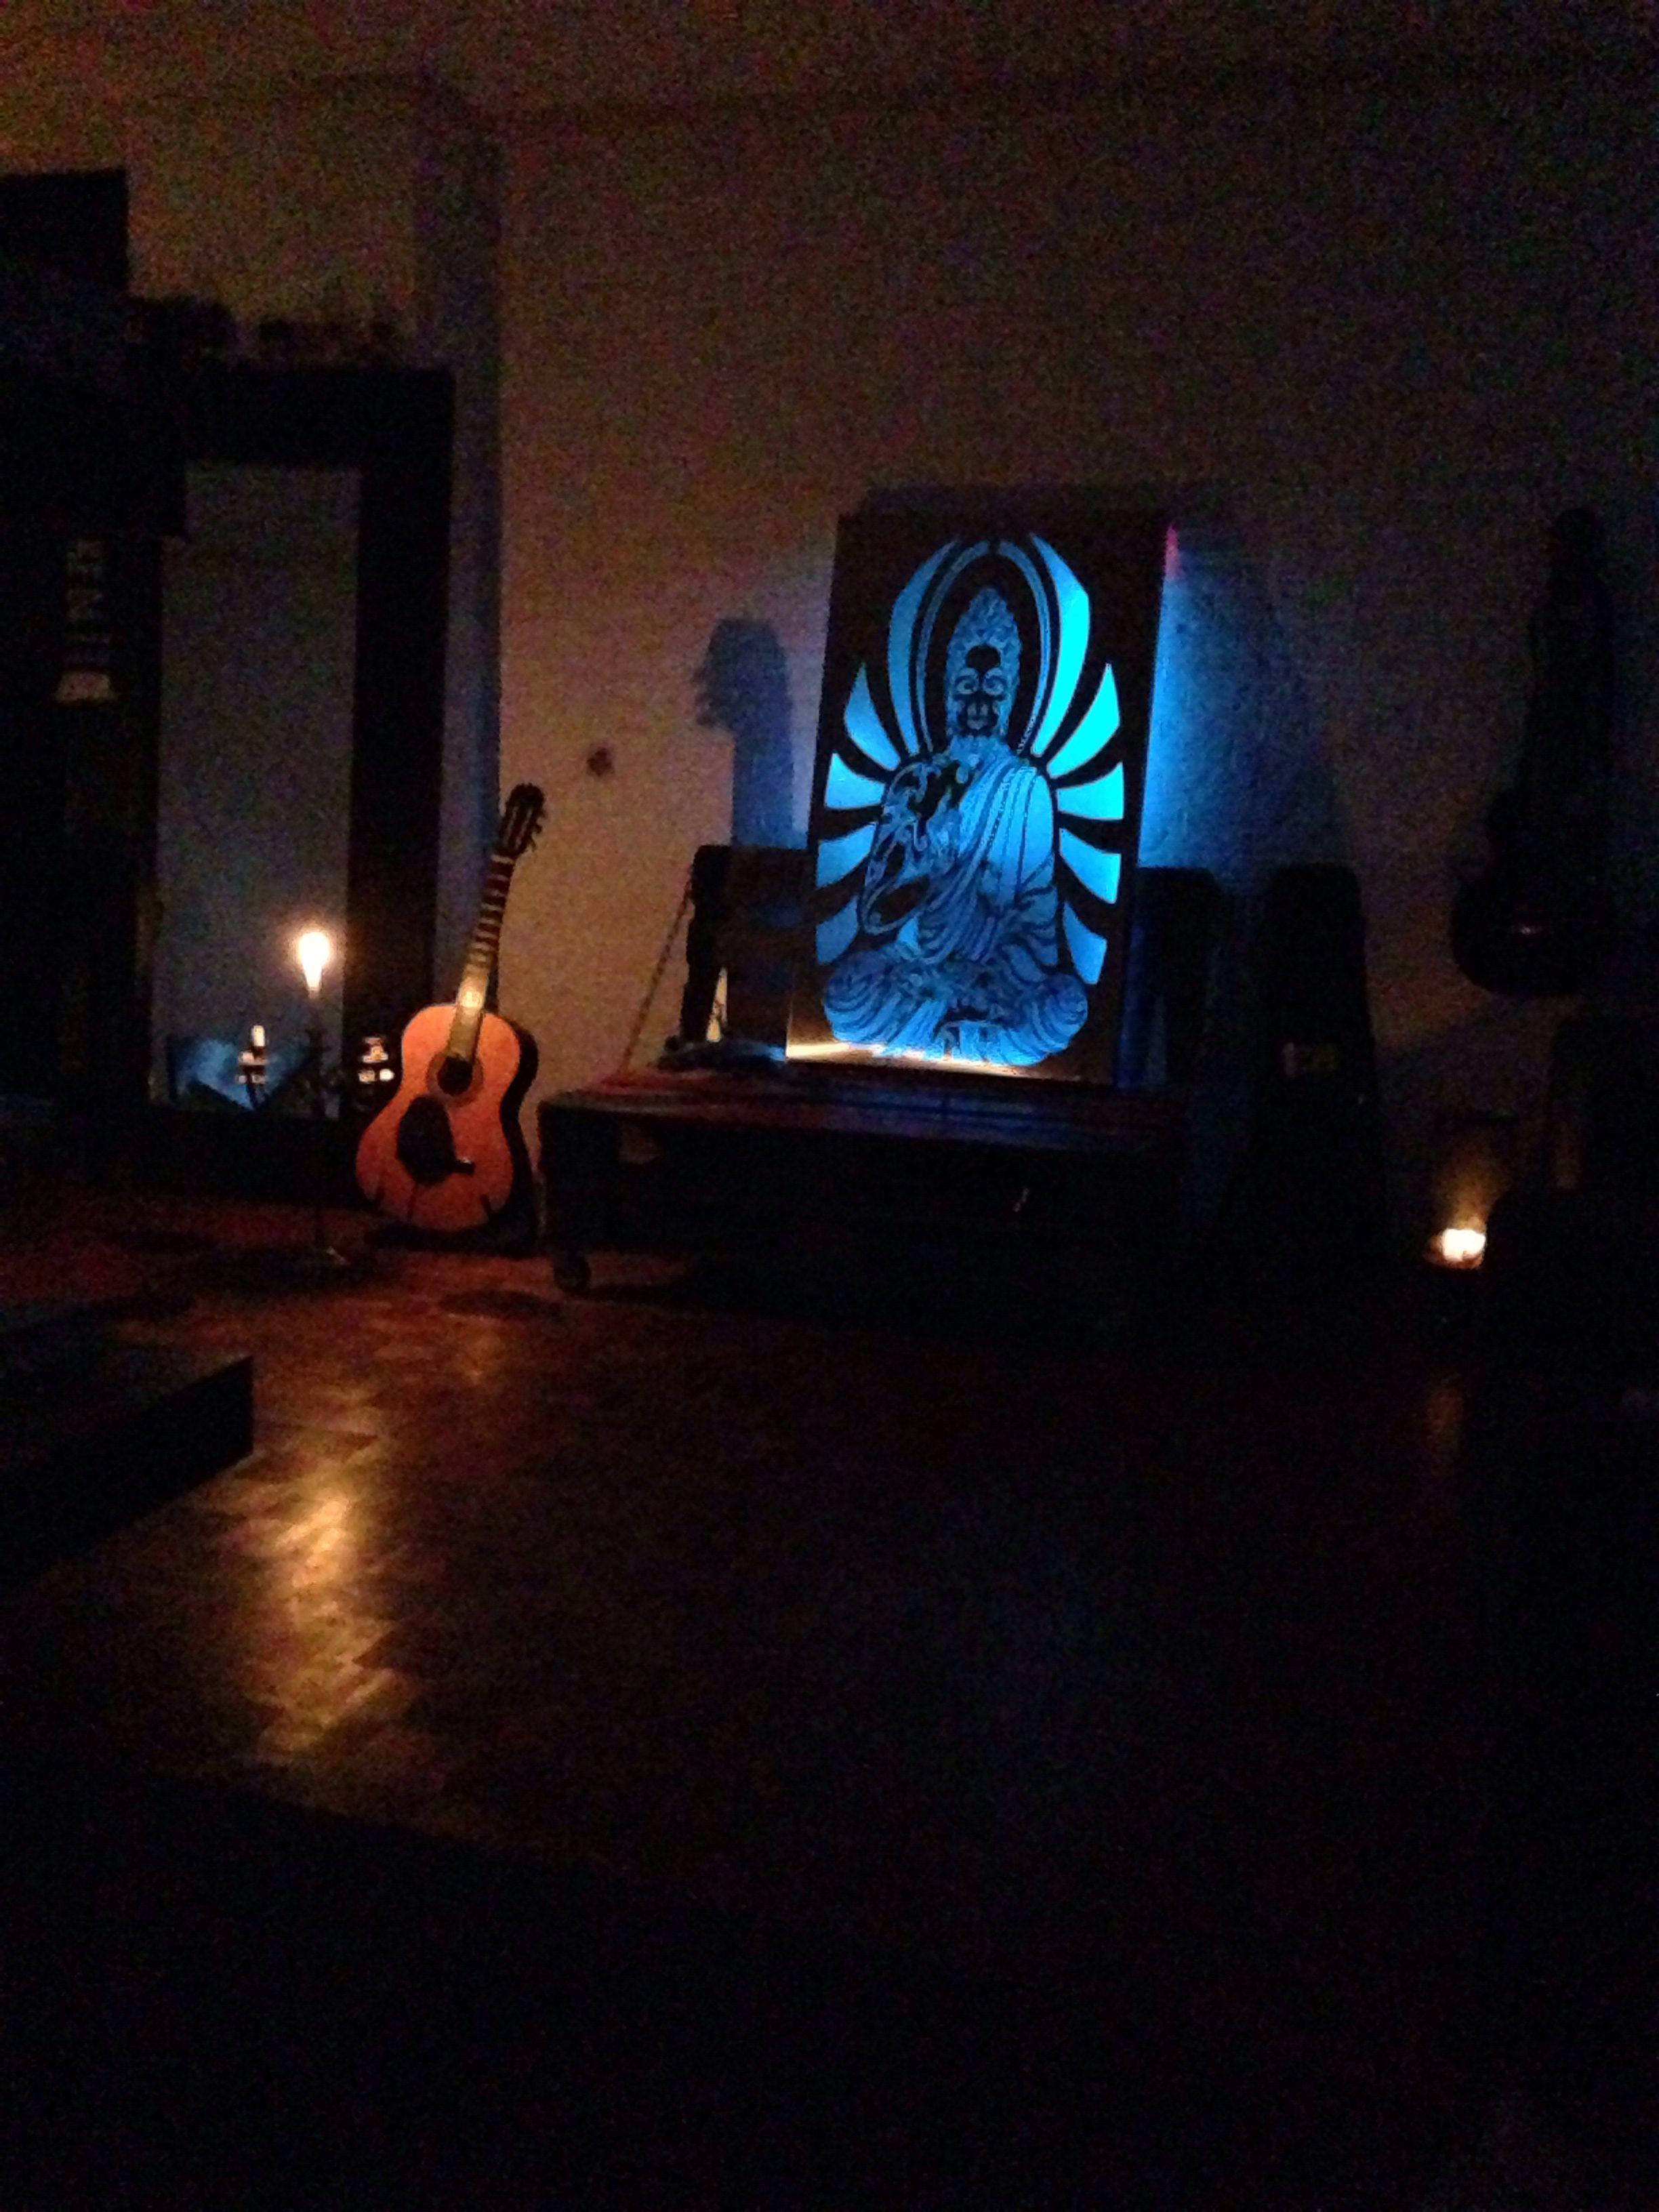 Buddha wenst u een fijne avond! #showroom #design #industrialdesign #hengevelde #haaksbergen #twente #ootmarsum #light #art #kunst